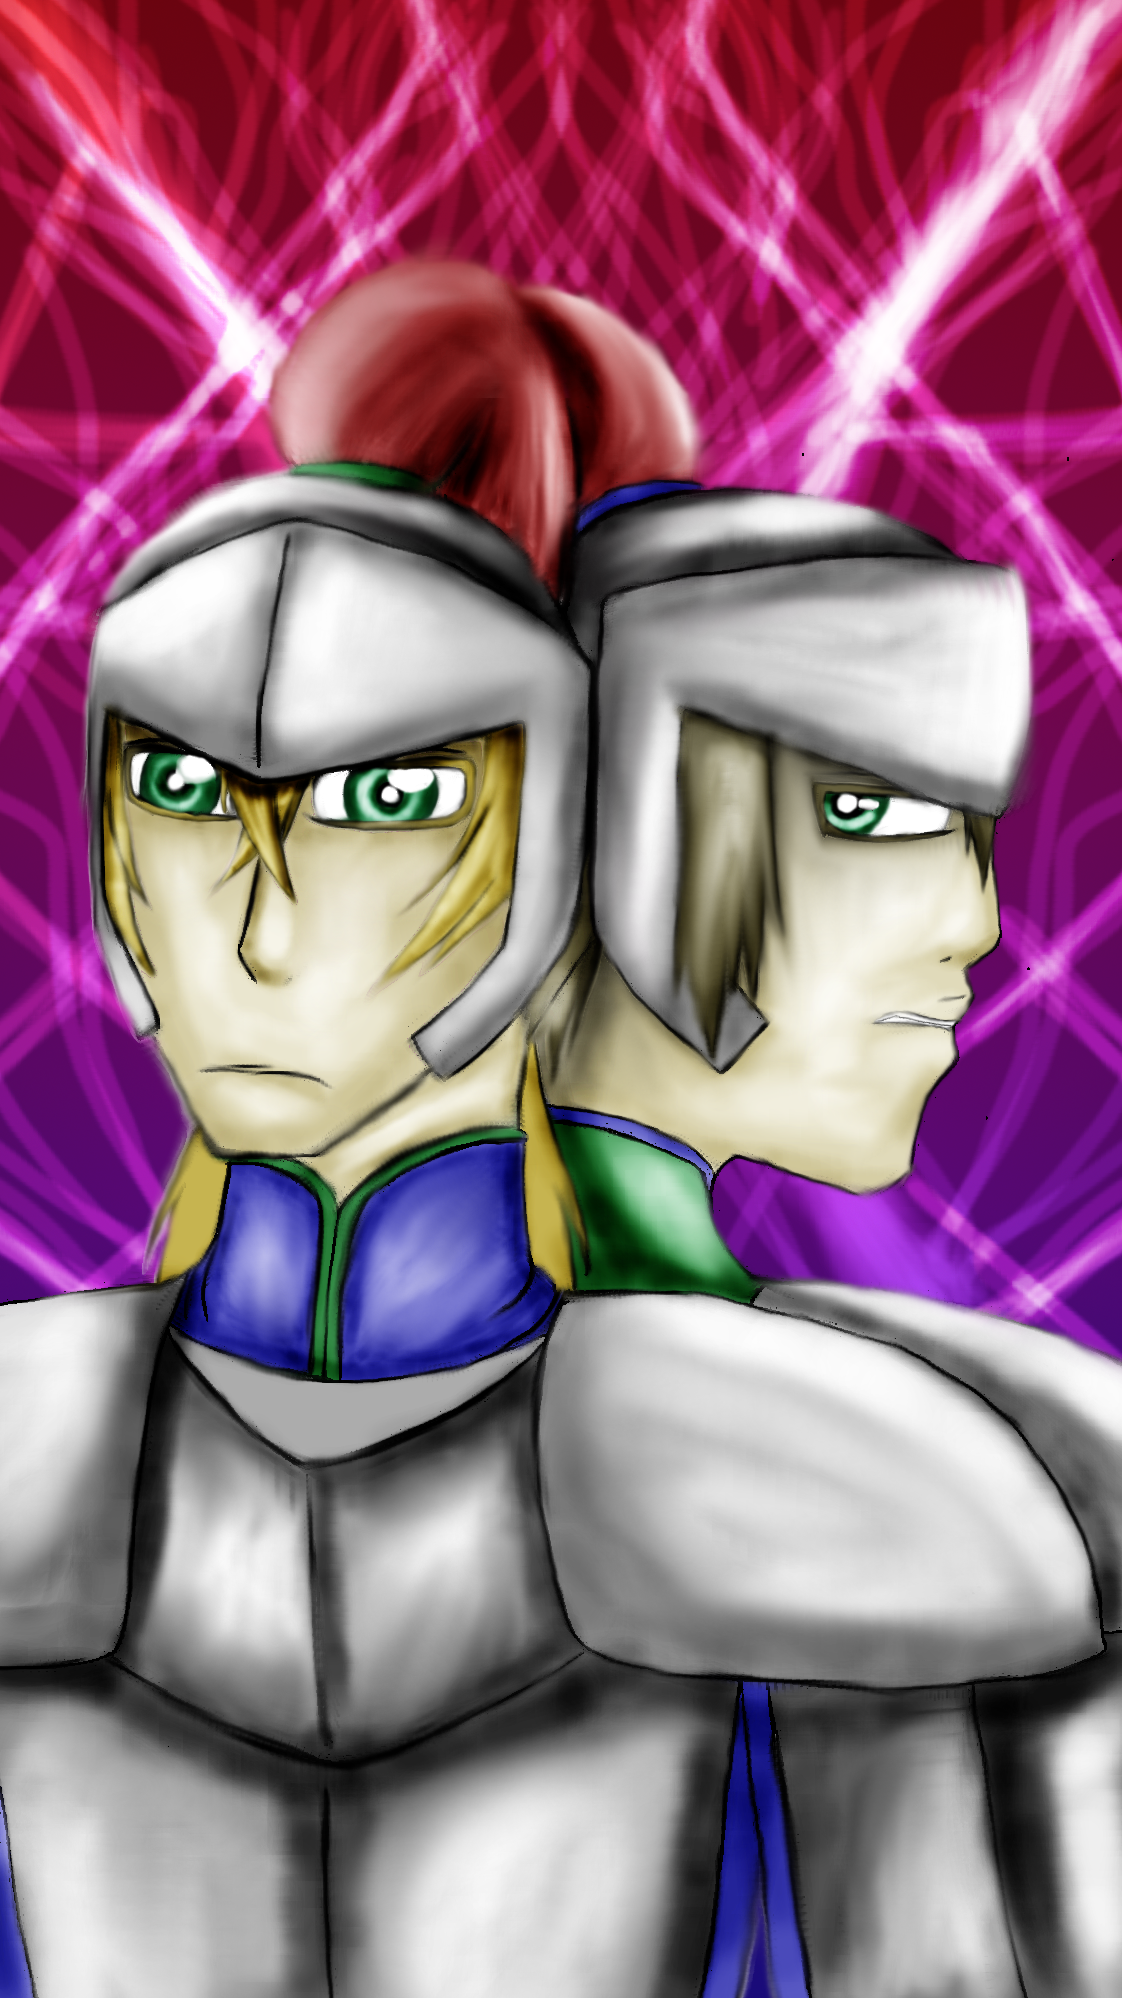 Gardis and Mervin